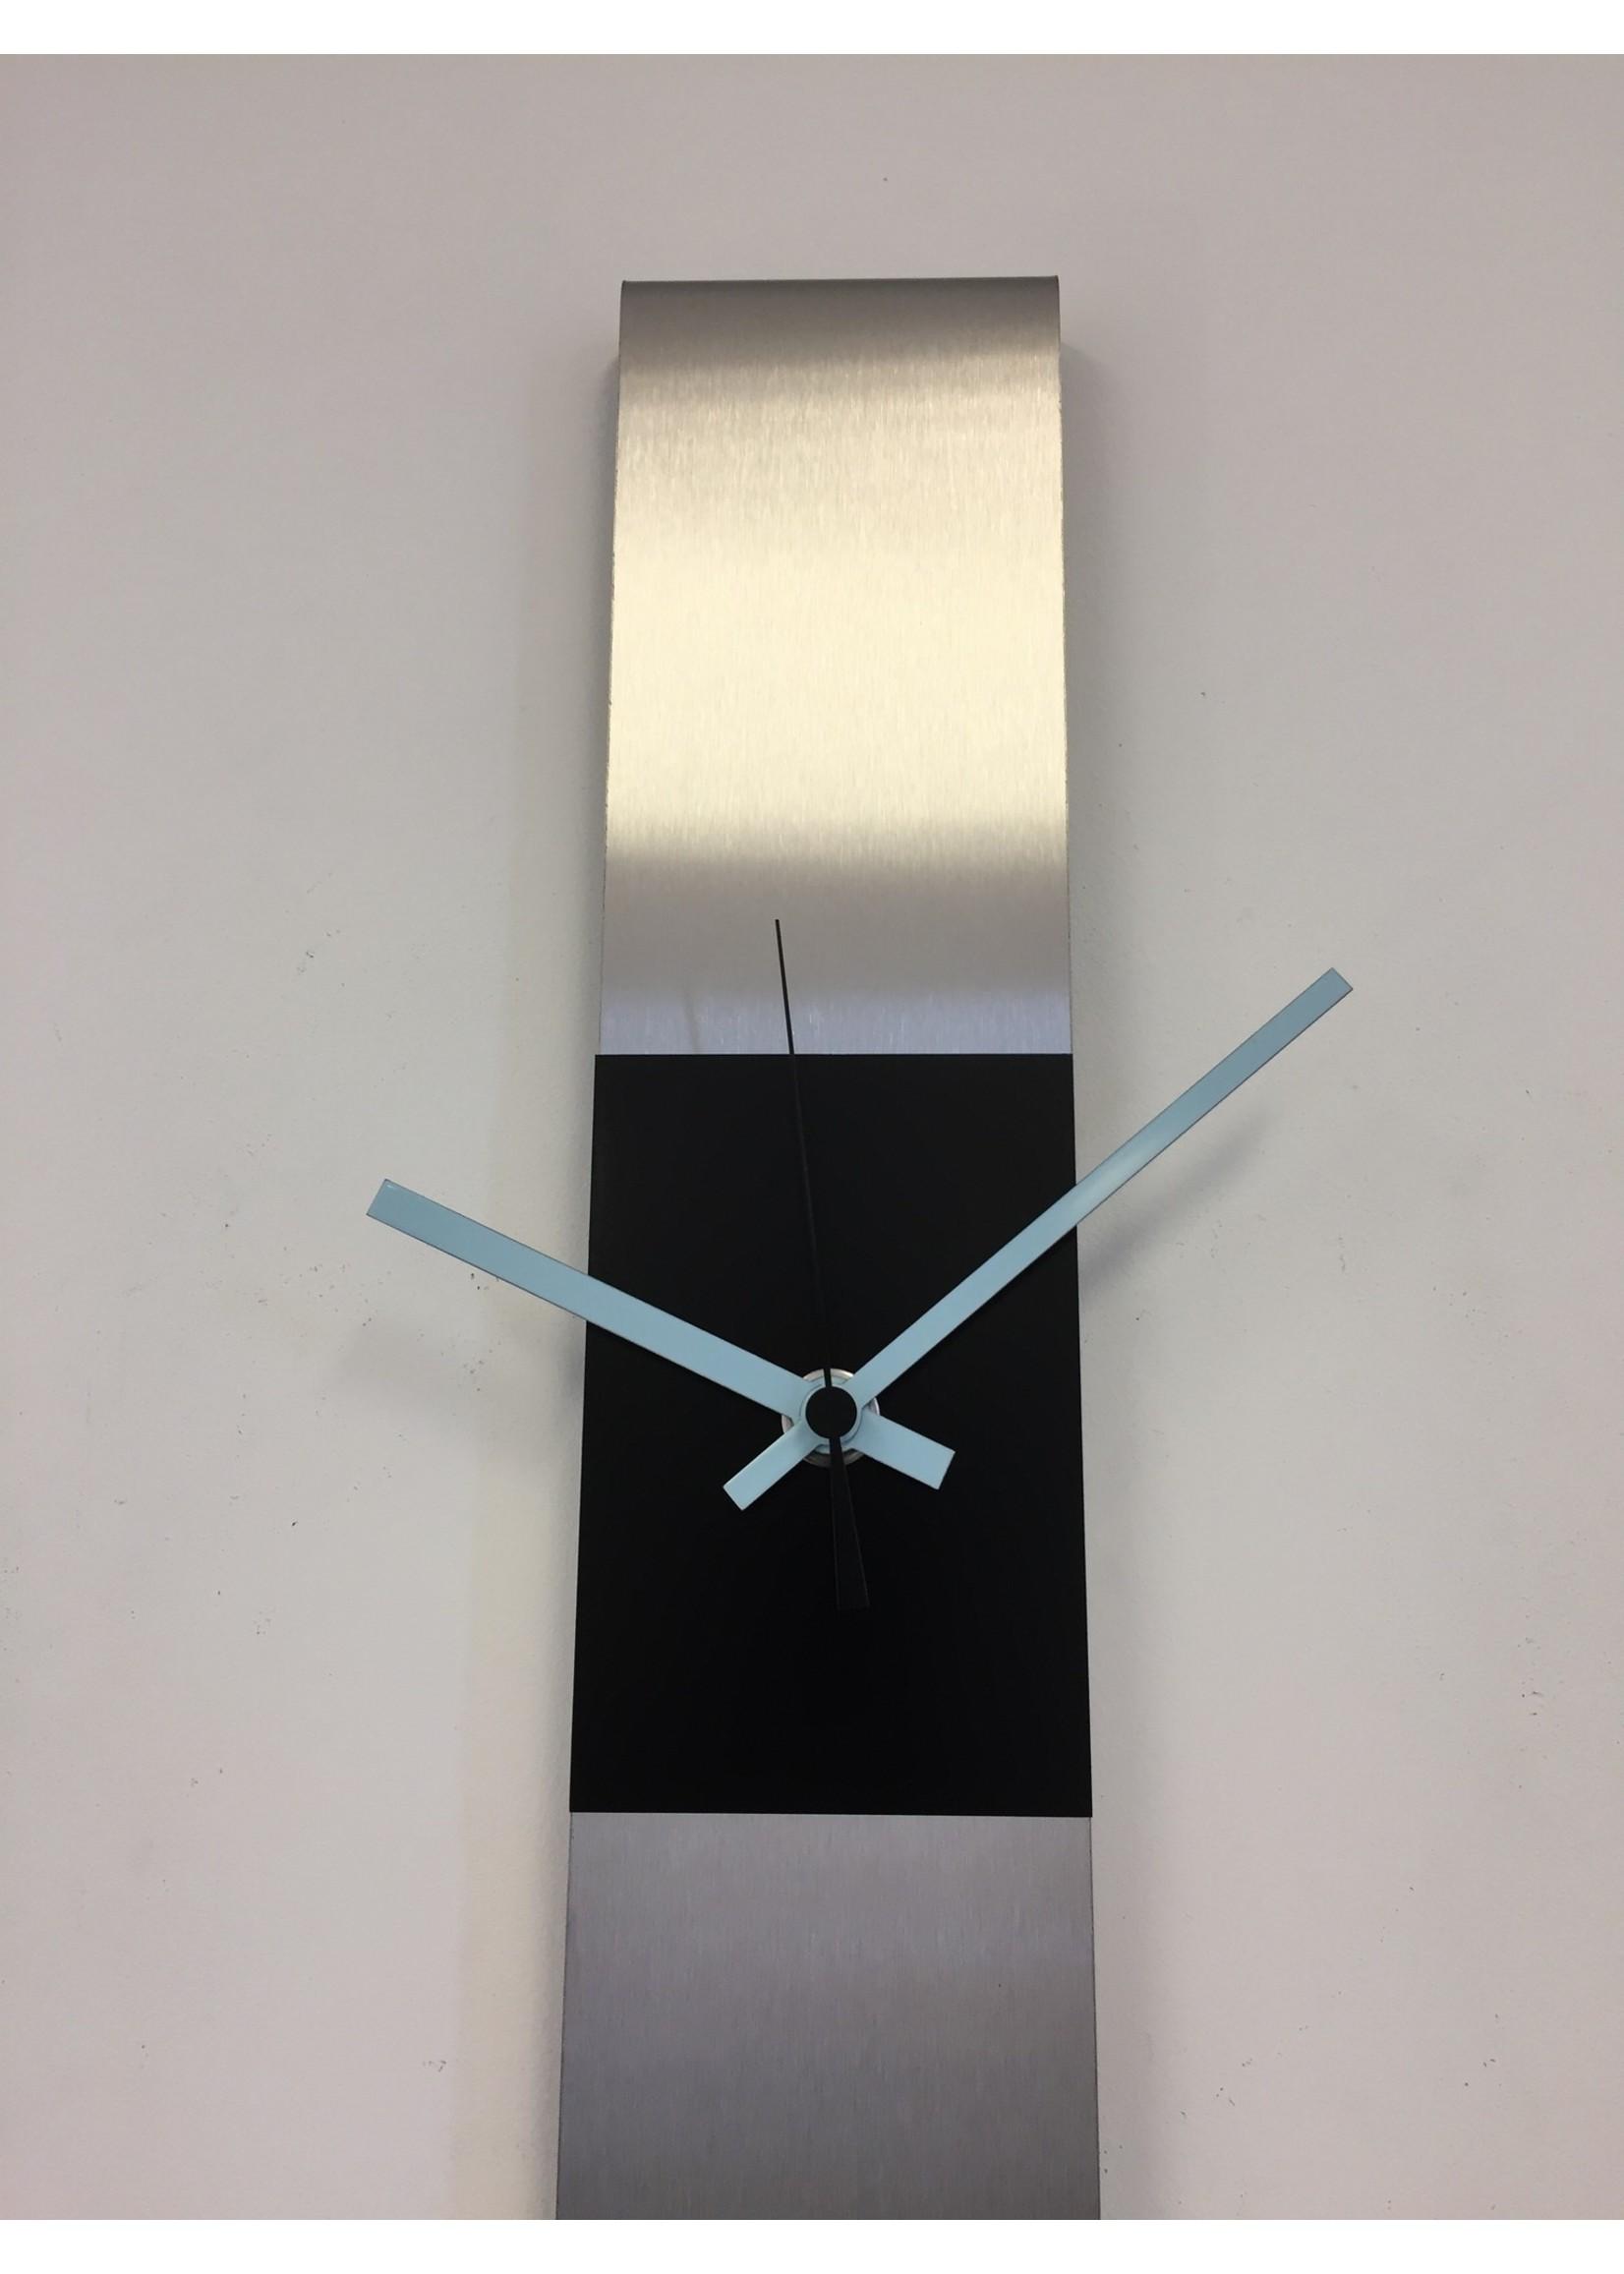 Klokkendiscounter Wandklok SUMMIT DUTCH DESIGN BLACK & BLUE